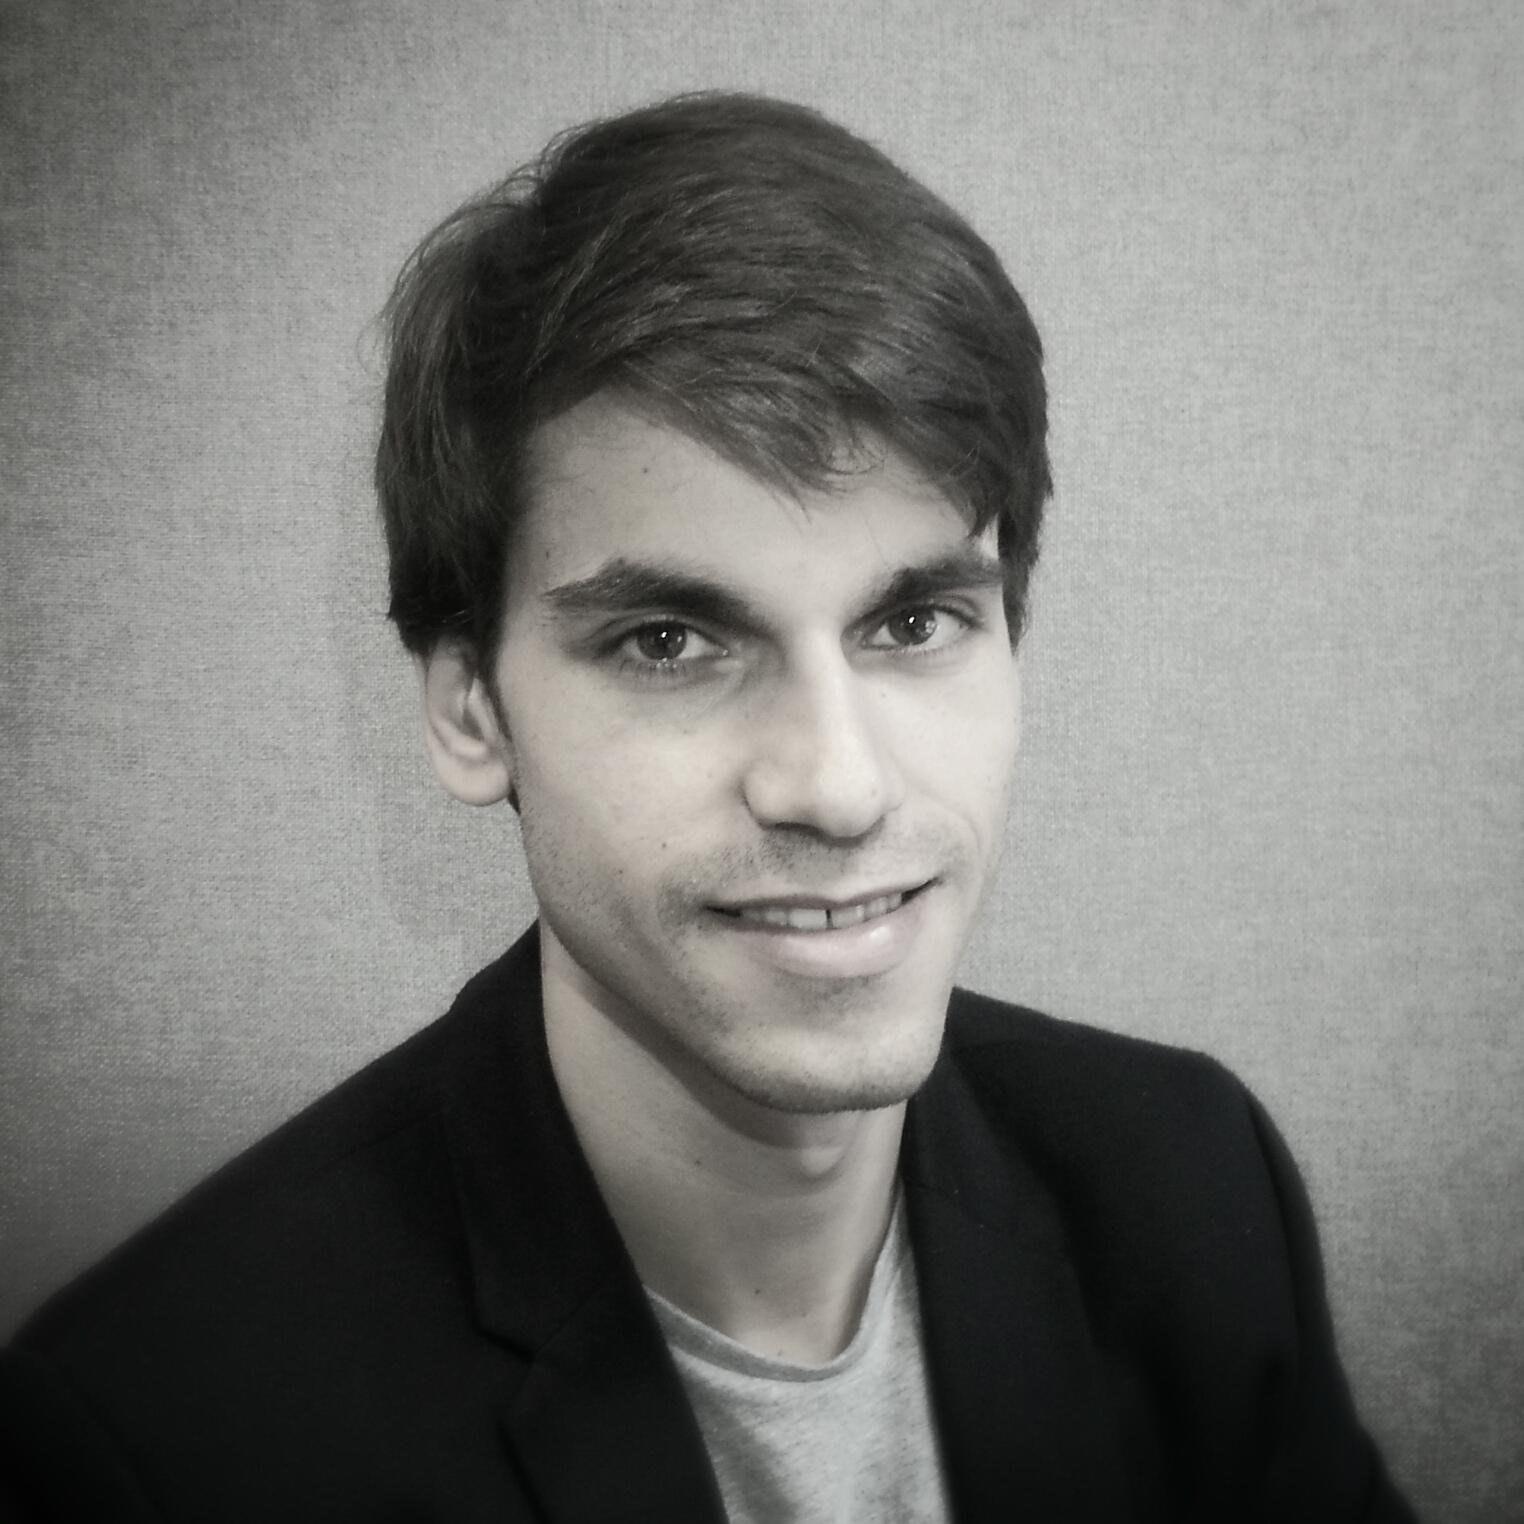 Pierre Gochgarian